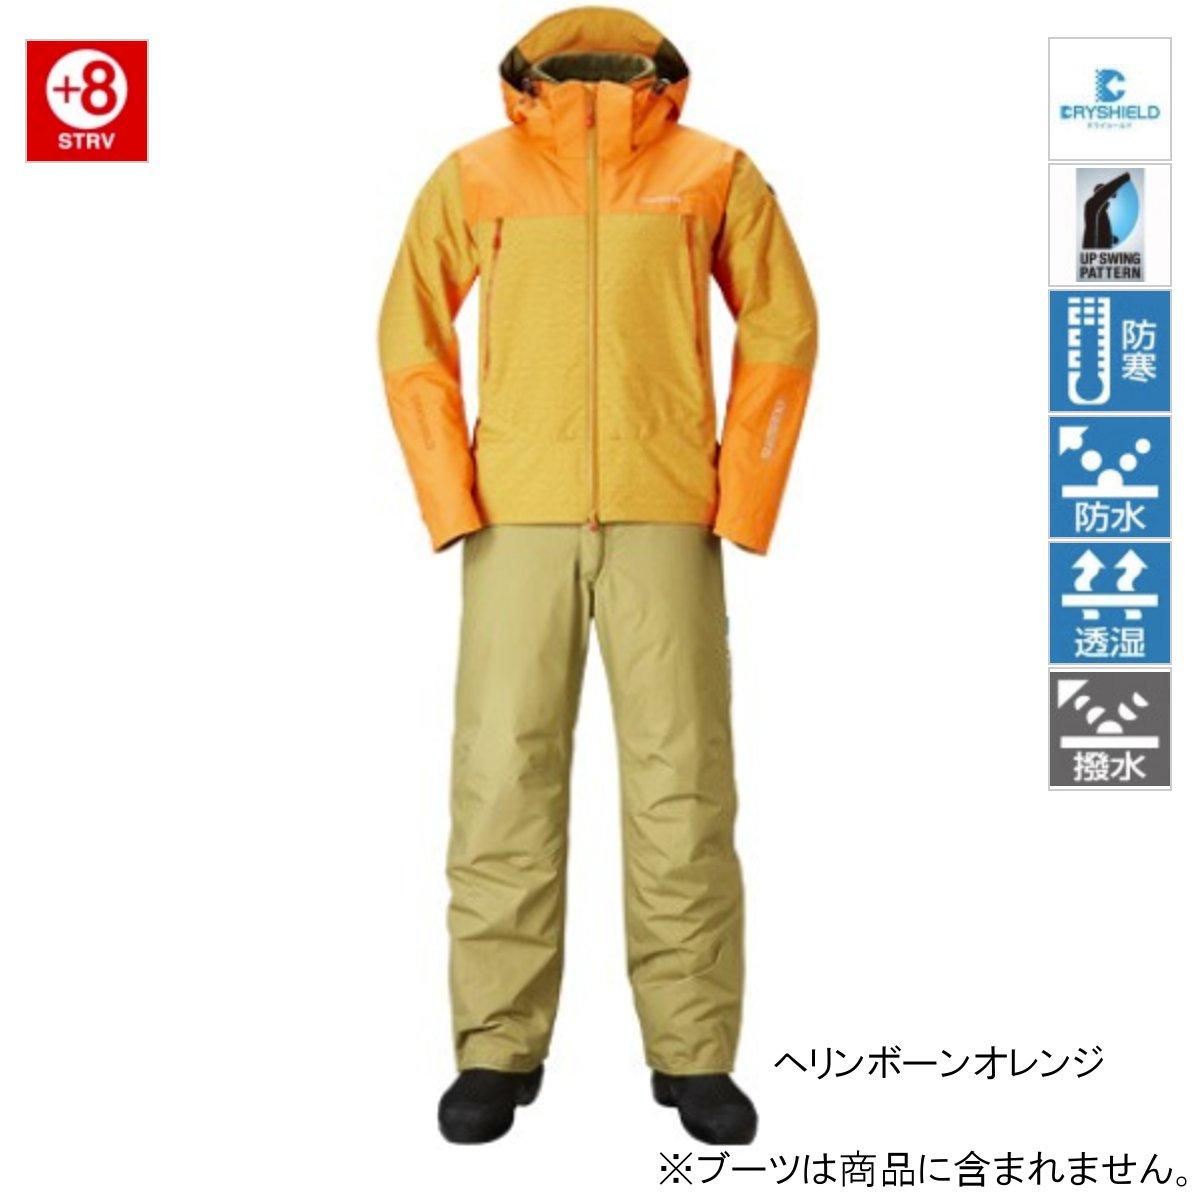 シマノ DSアドバンスウォームスーツ RB-025R M ヘリンボーンオレンジ【送料無料】